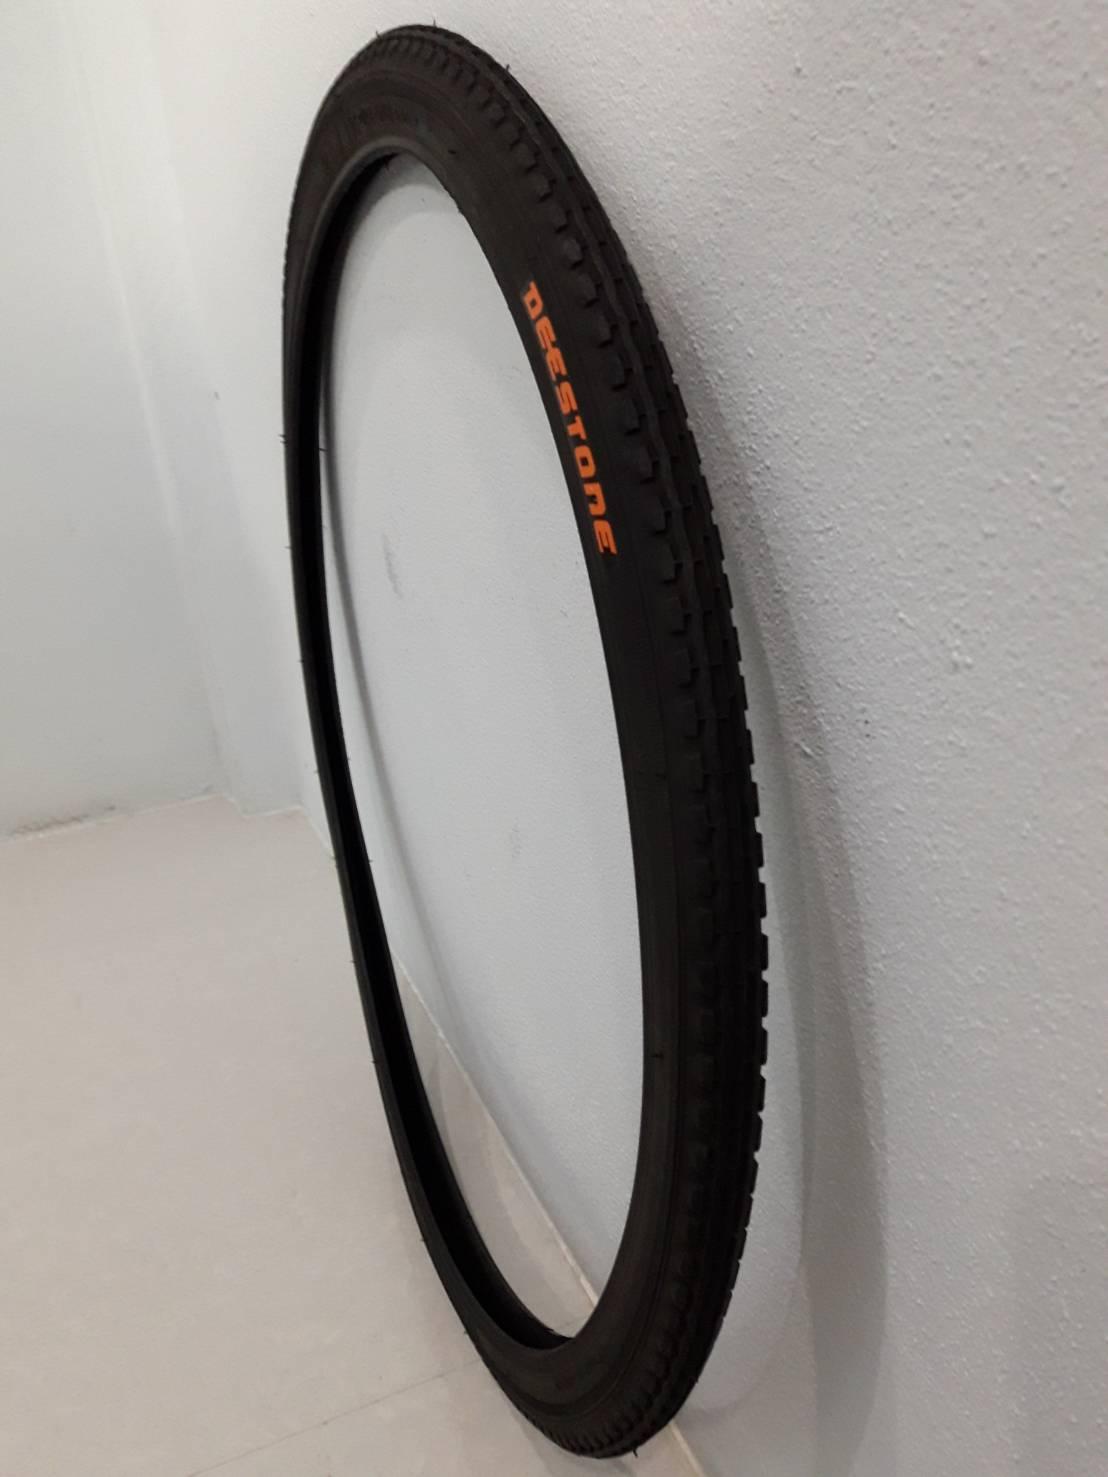 24X1 3/8 D874 สีดํา ยางนอก จักรยาน ย่ีห้อ Deestone